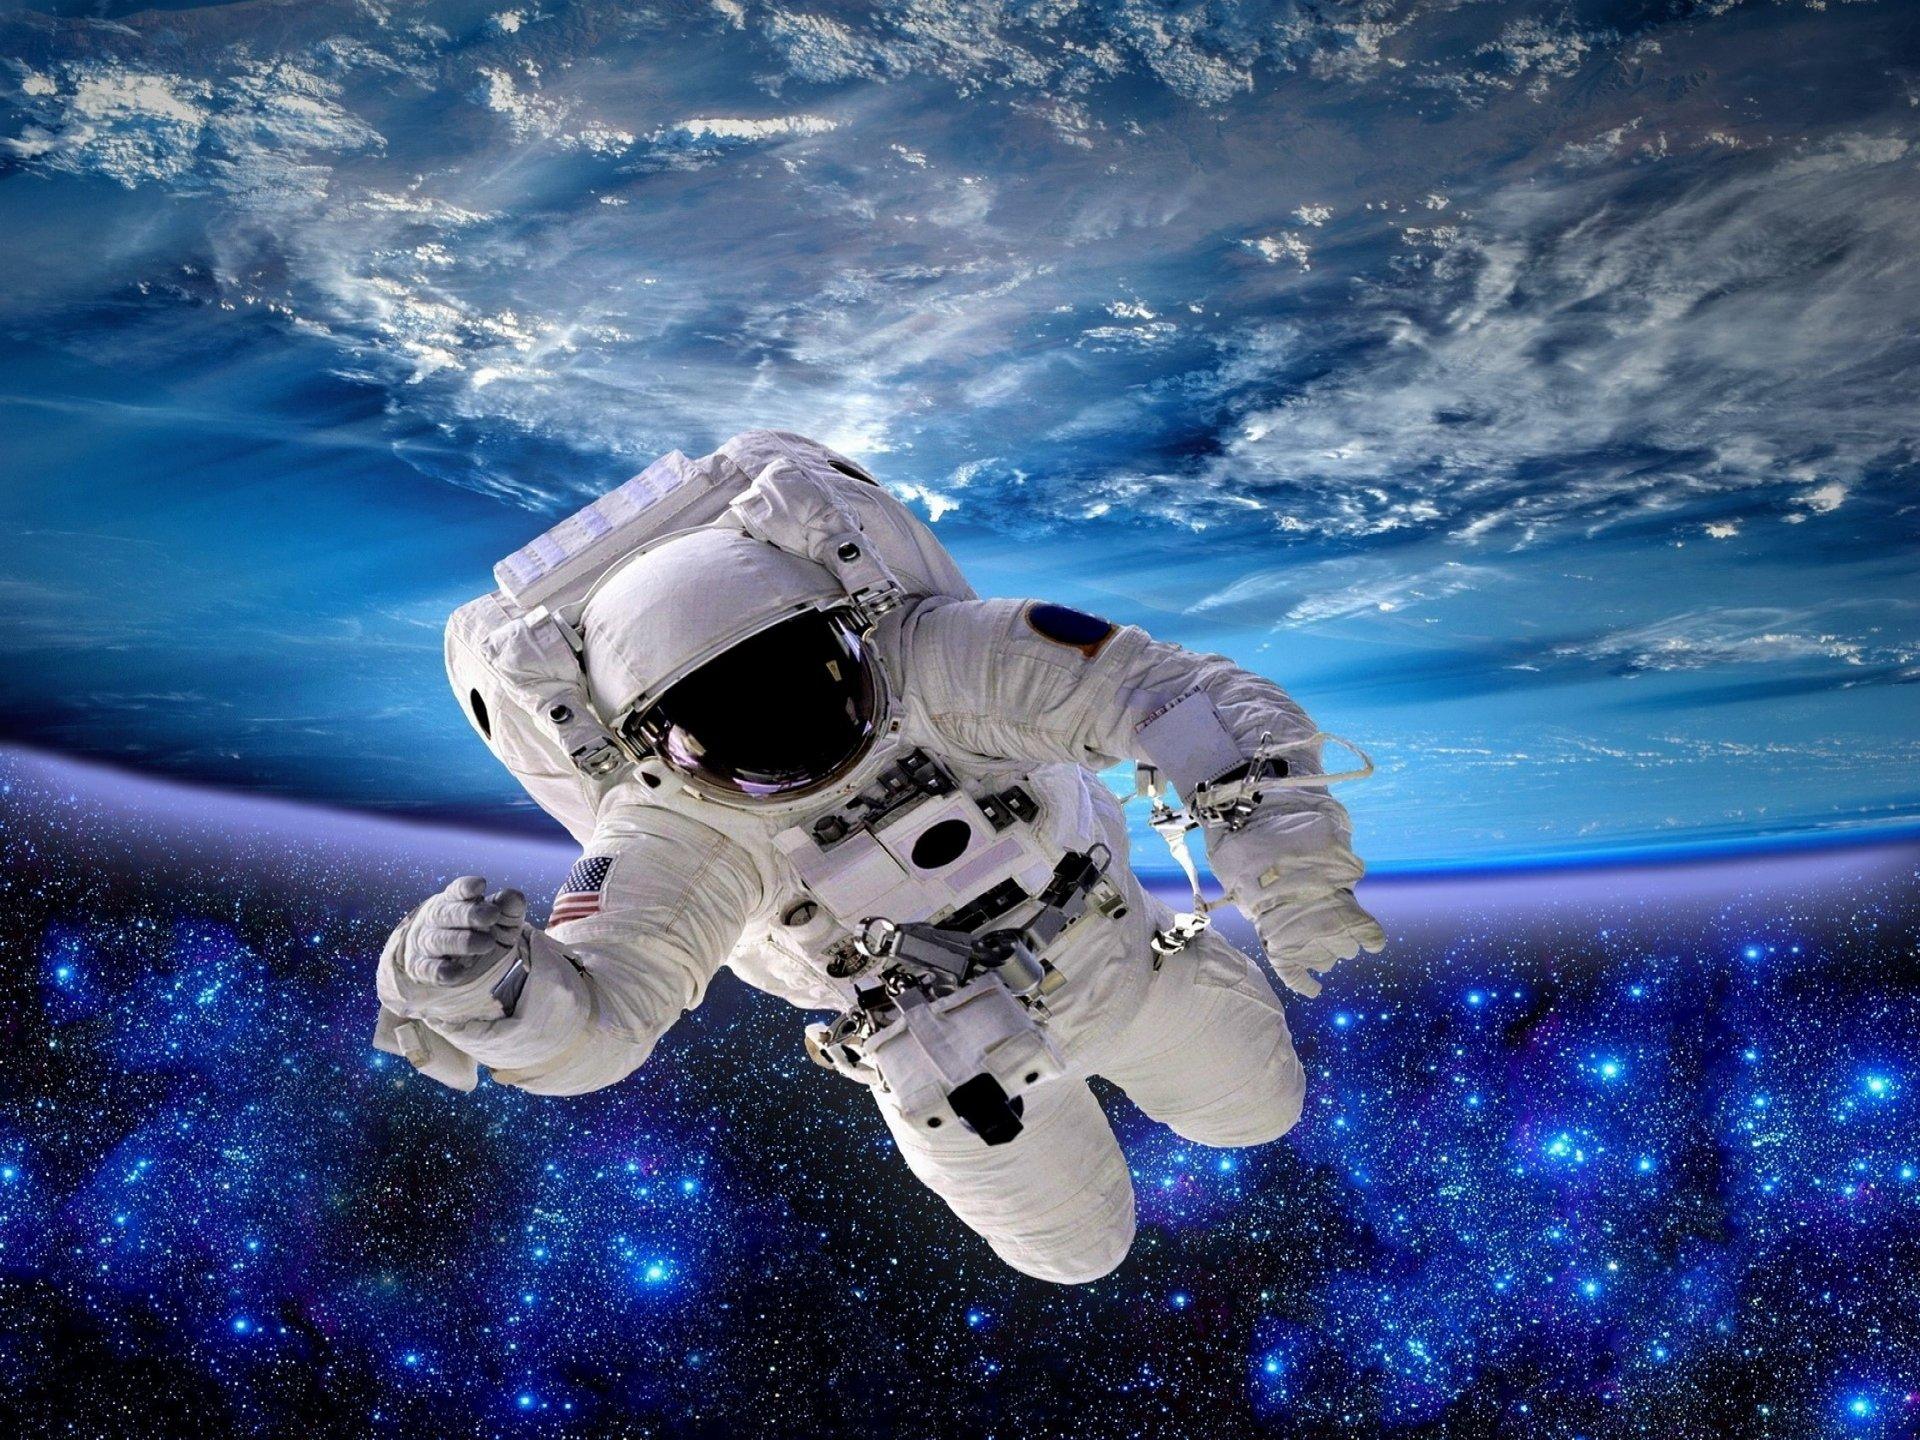 хотела, картинки космоса и планет и космонавтов только заболел